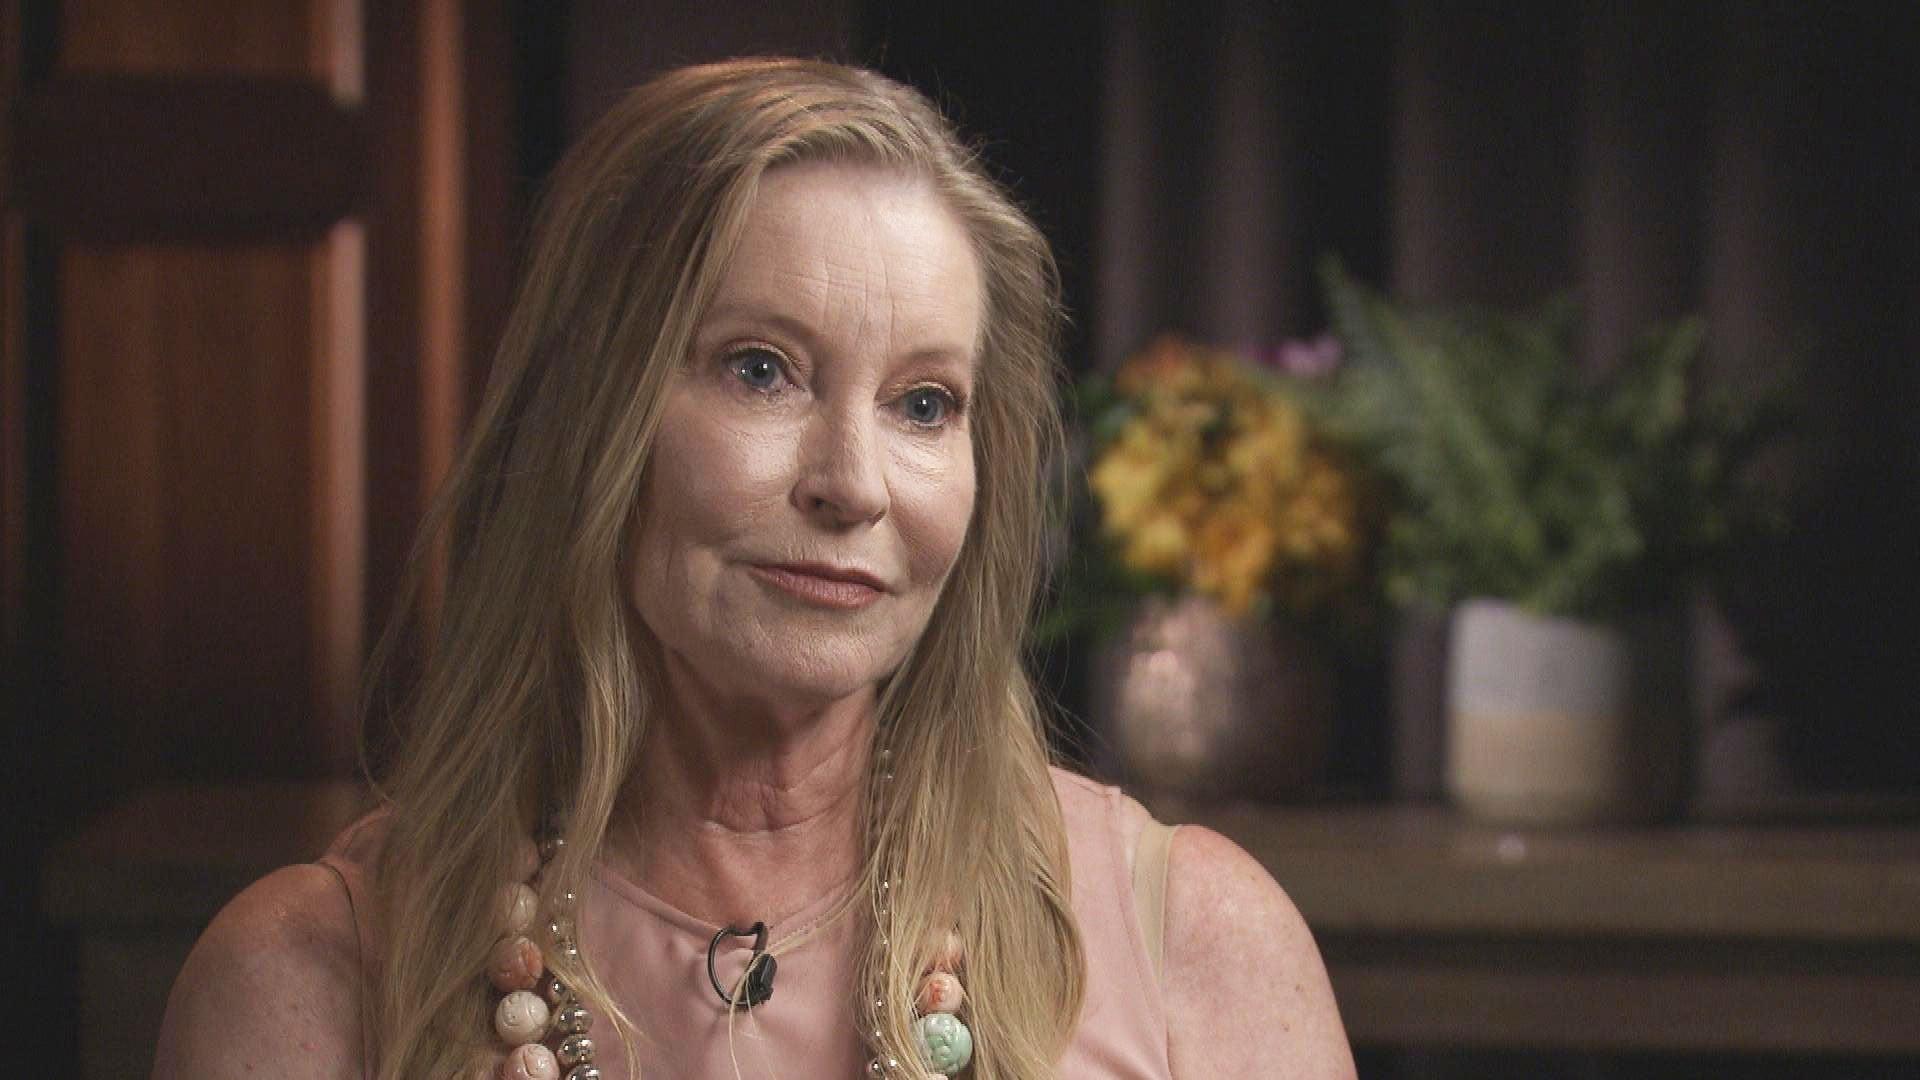 Patrick Swayze's Widow Lisa Niemi Opens